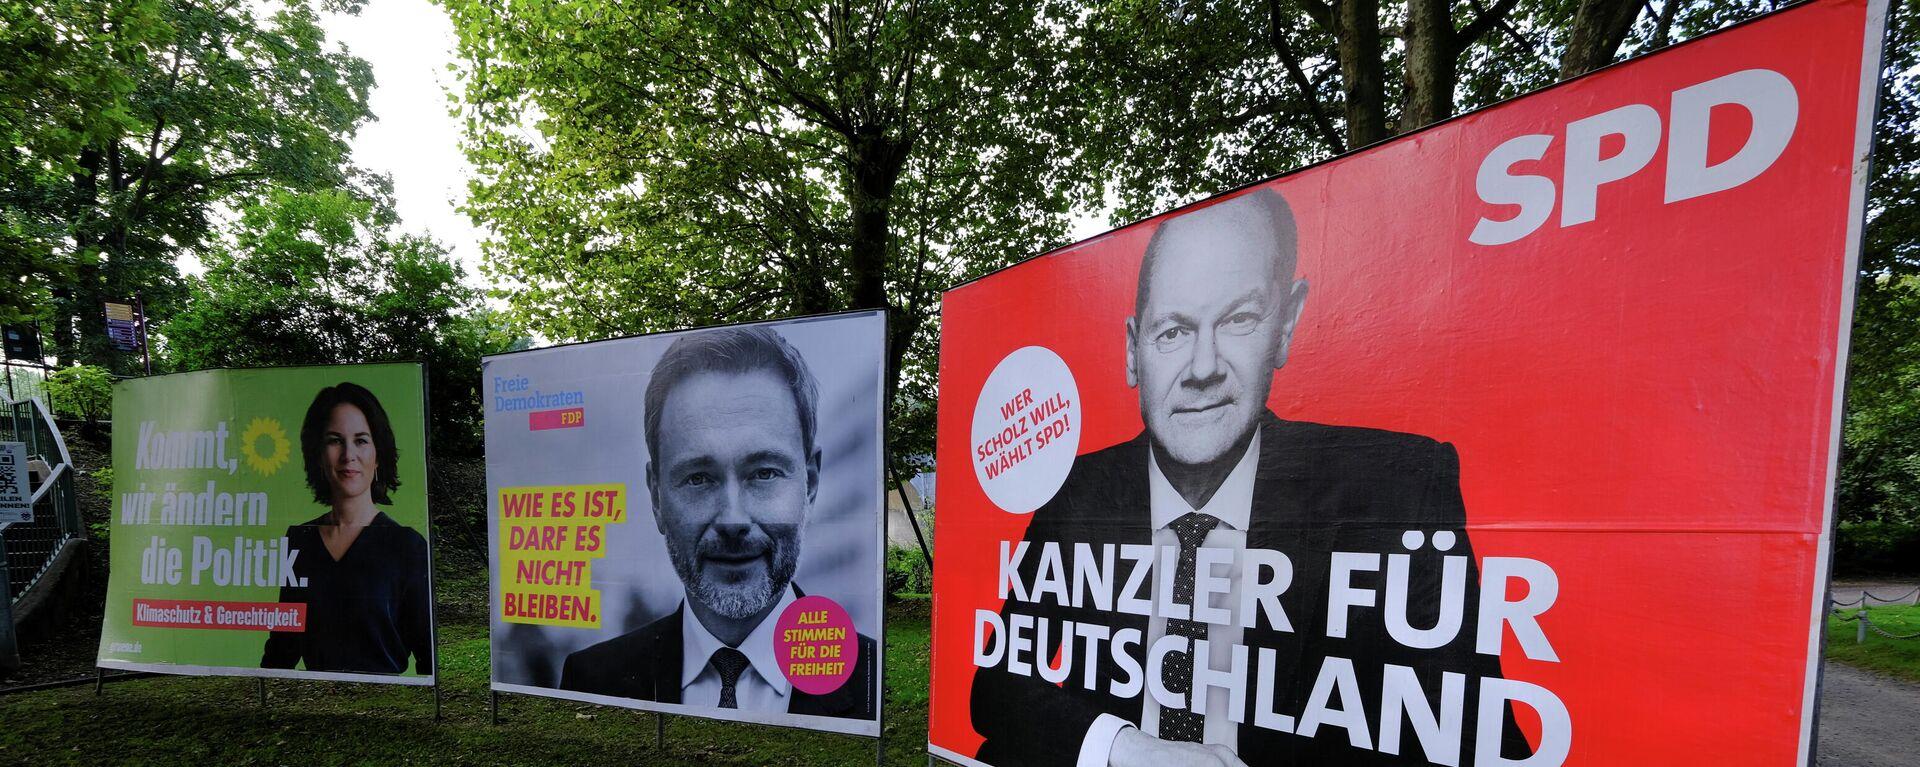 Wahlplakate von Olaf Scholz (SPD), Christian Lindner (FDP) und Annalena Baerbock (Grüne) am 1. Oktober in einem Park von Bad Honnef südlich von Bonn. - SNA, 1920, 07.10.2021